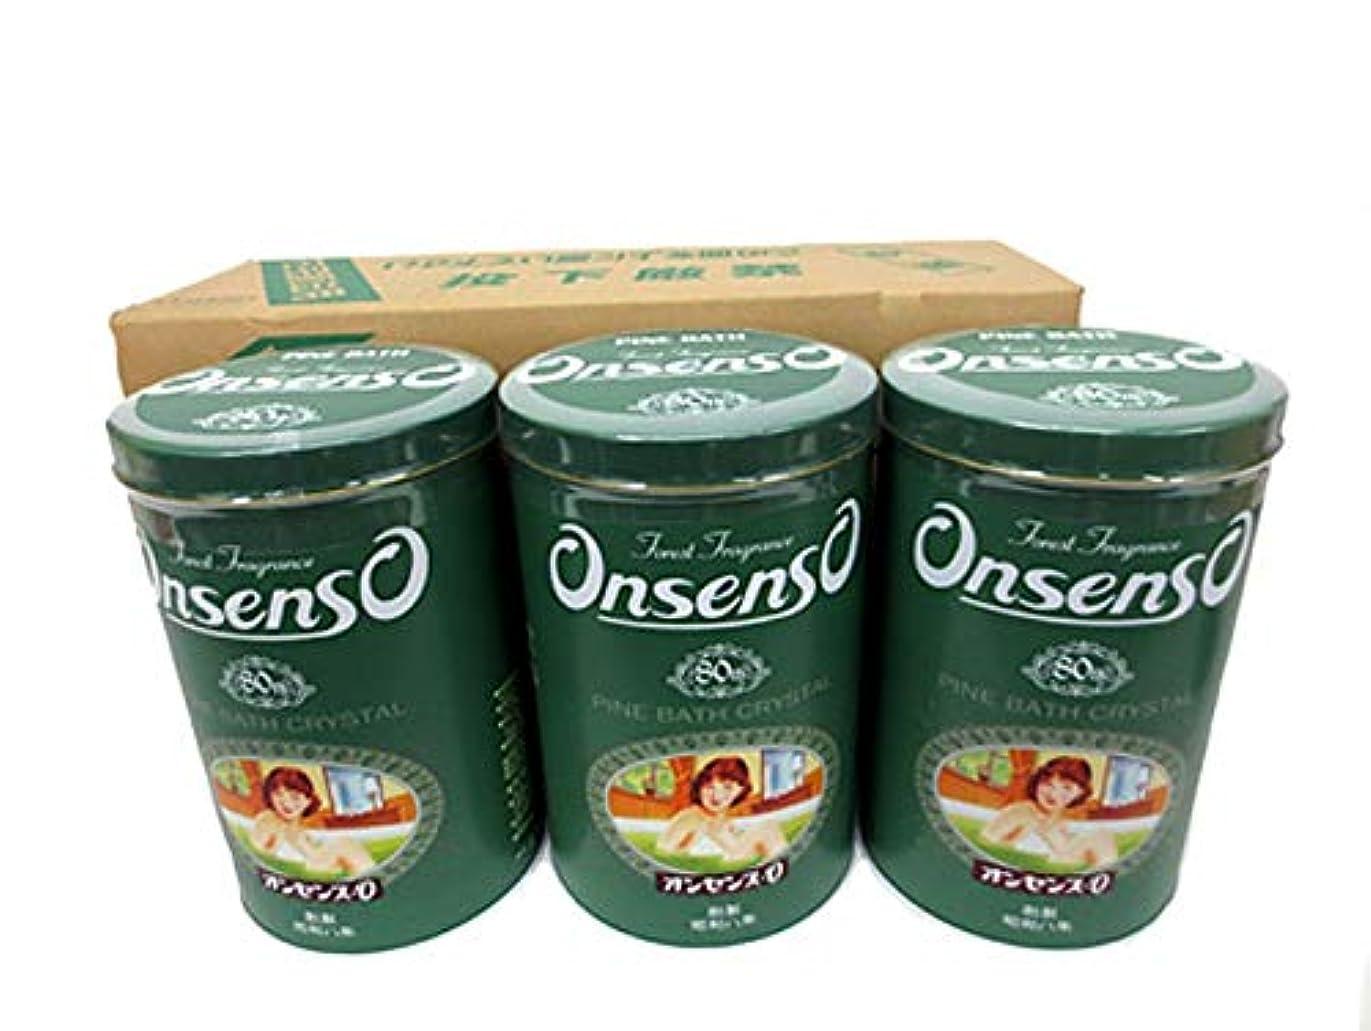 威する決して置くためにパックオンセンス 復刻版 1.95kg 3缶セット 入浴剤 薬用温浴剤 薬用 バスケア パインバス